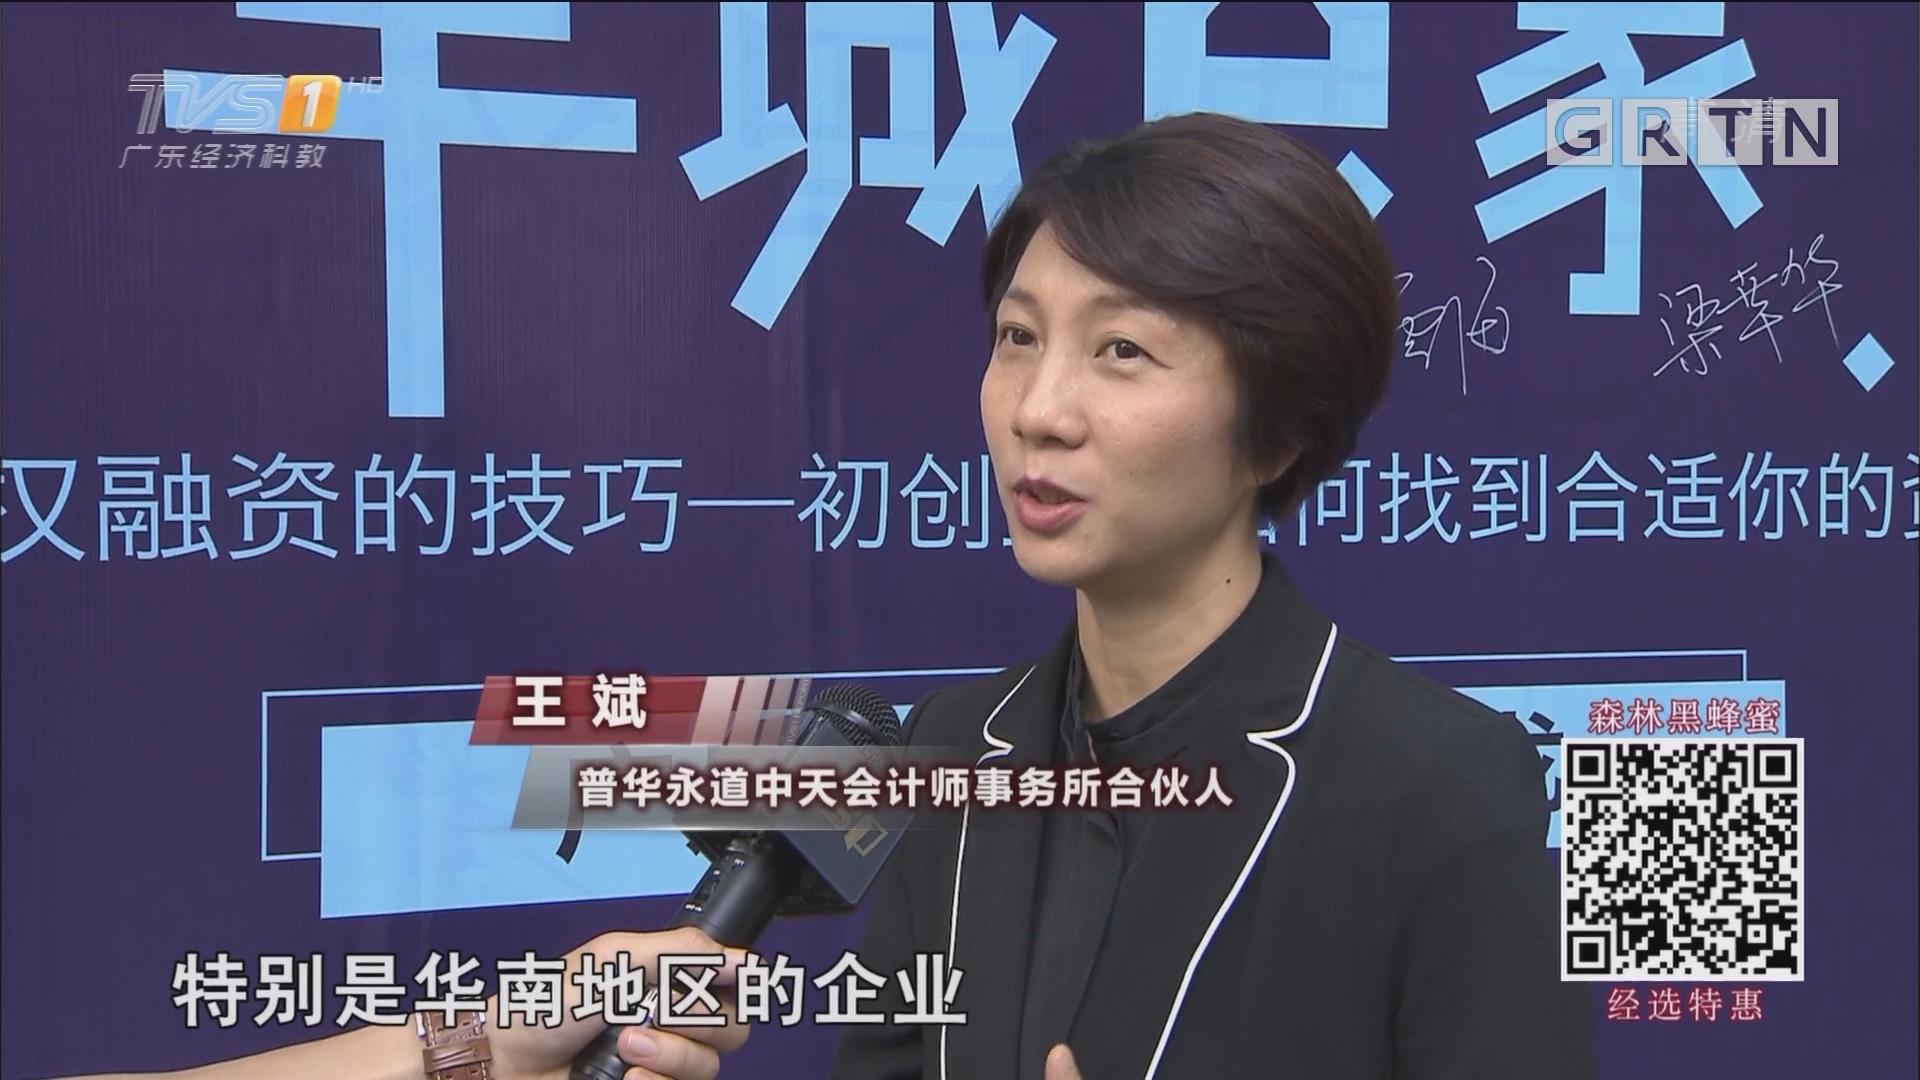 广州:互联网投资沙龙 行业大咖传授心得